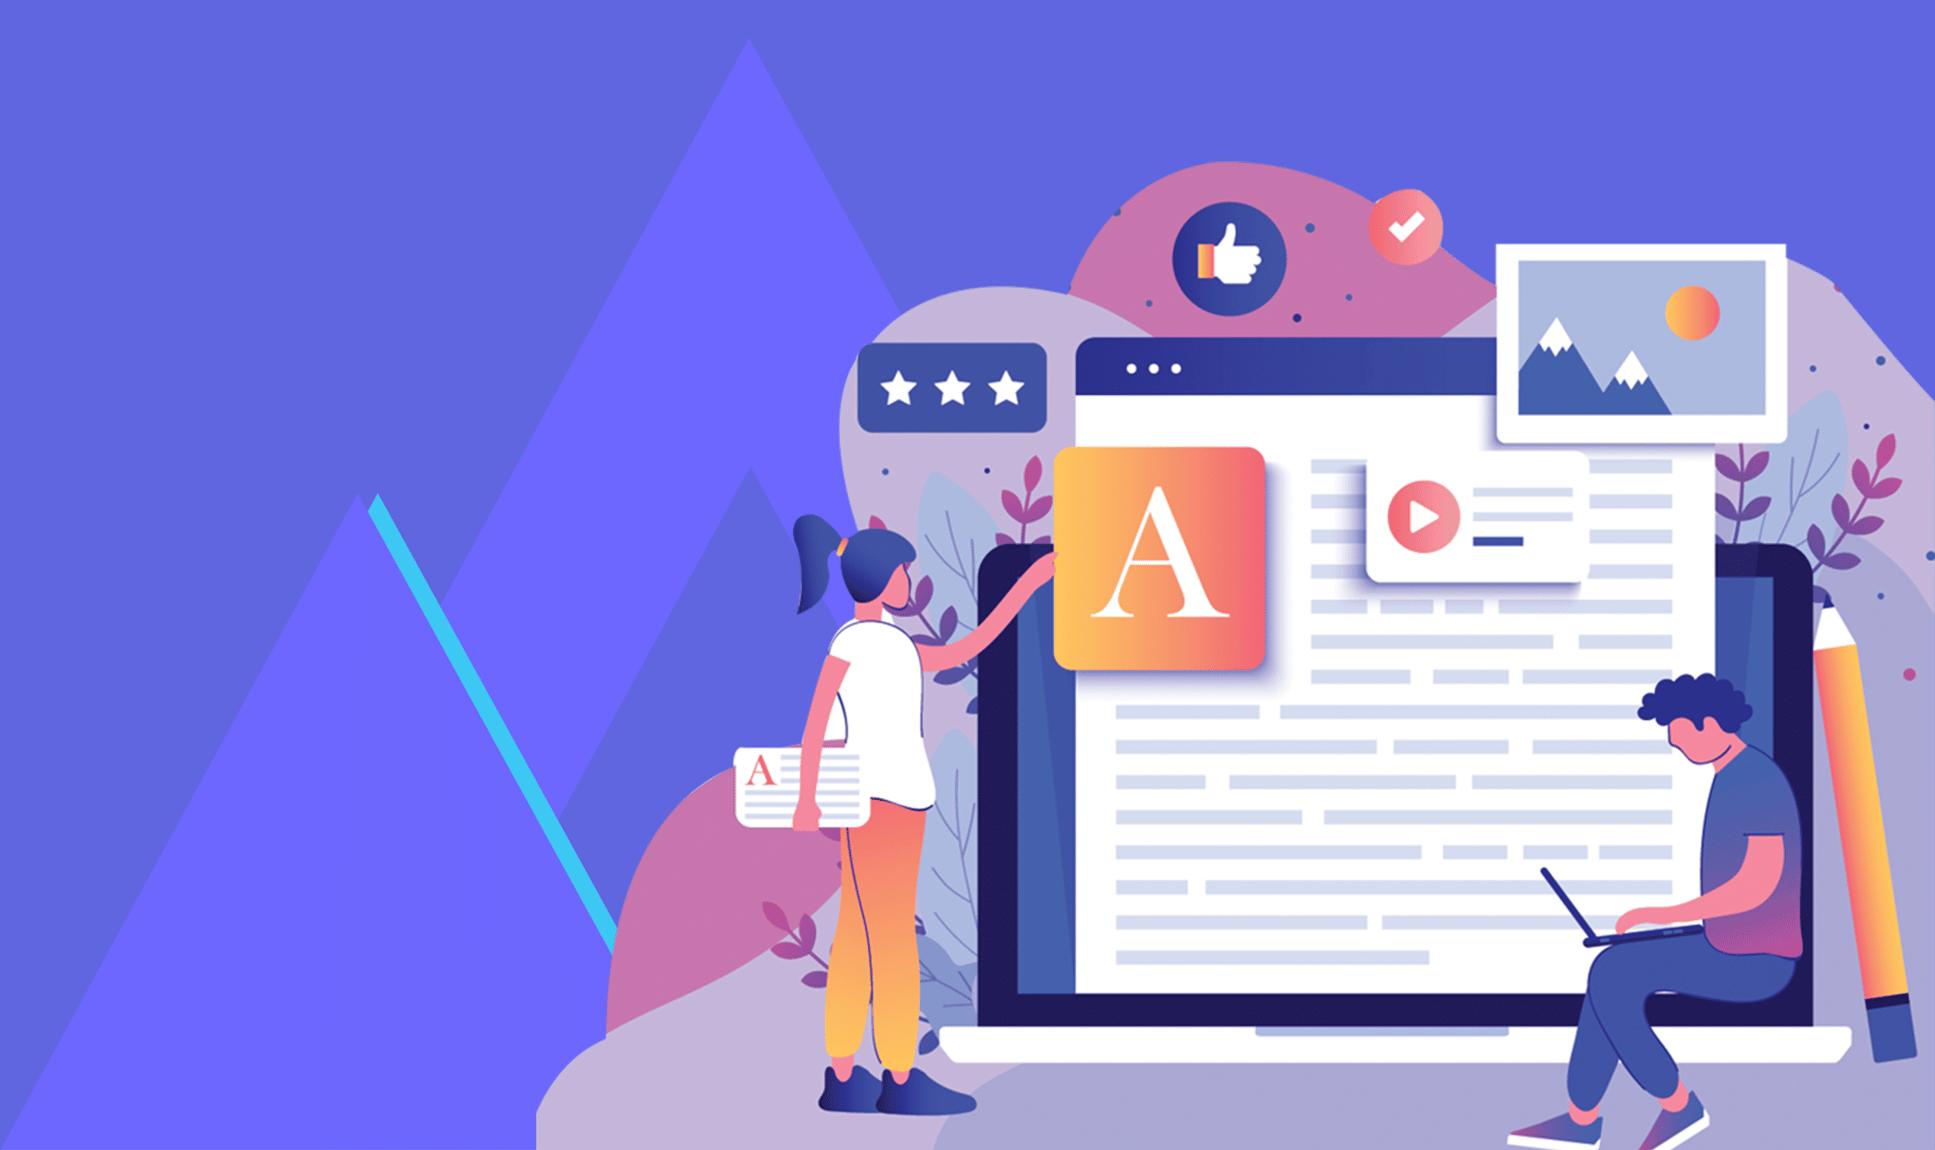 Comment mesurer le ROI de votre content marketing et de vos contenus ?